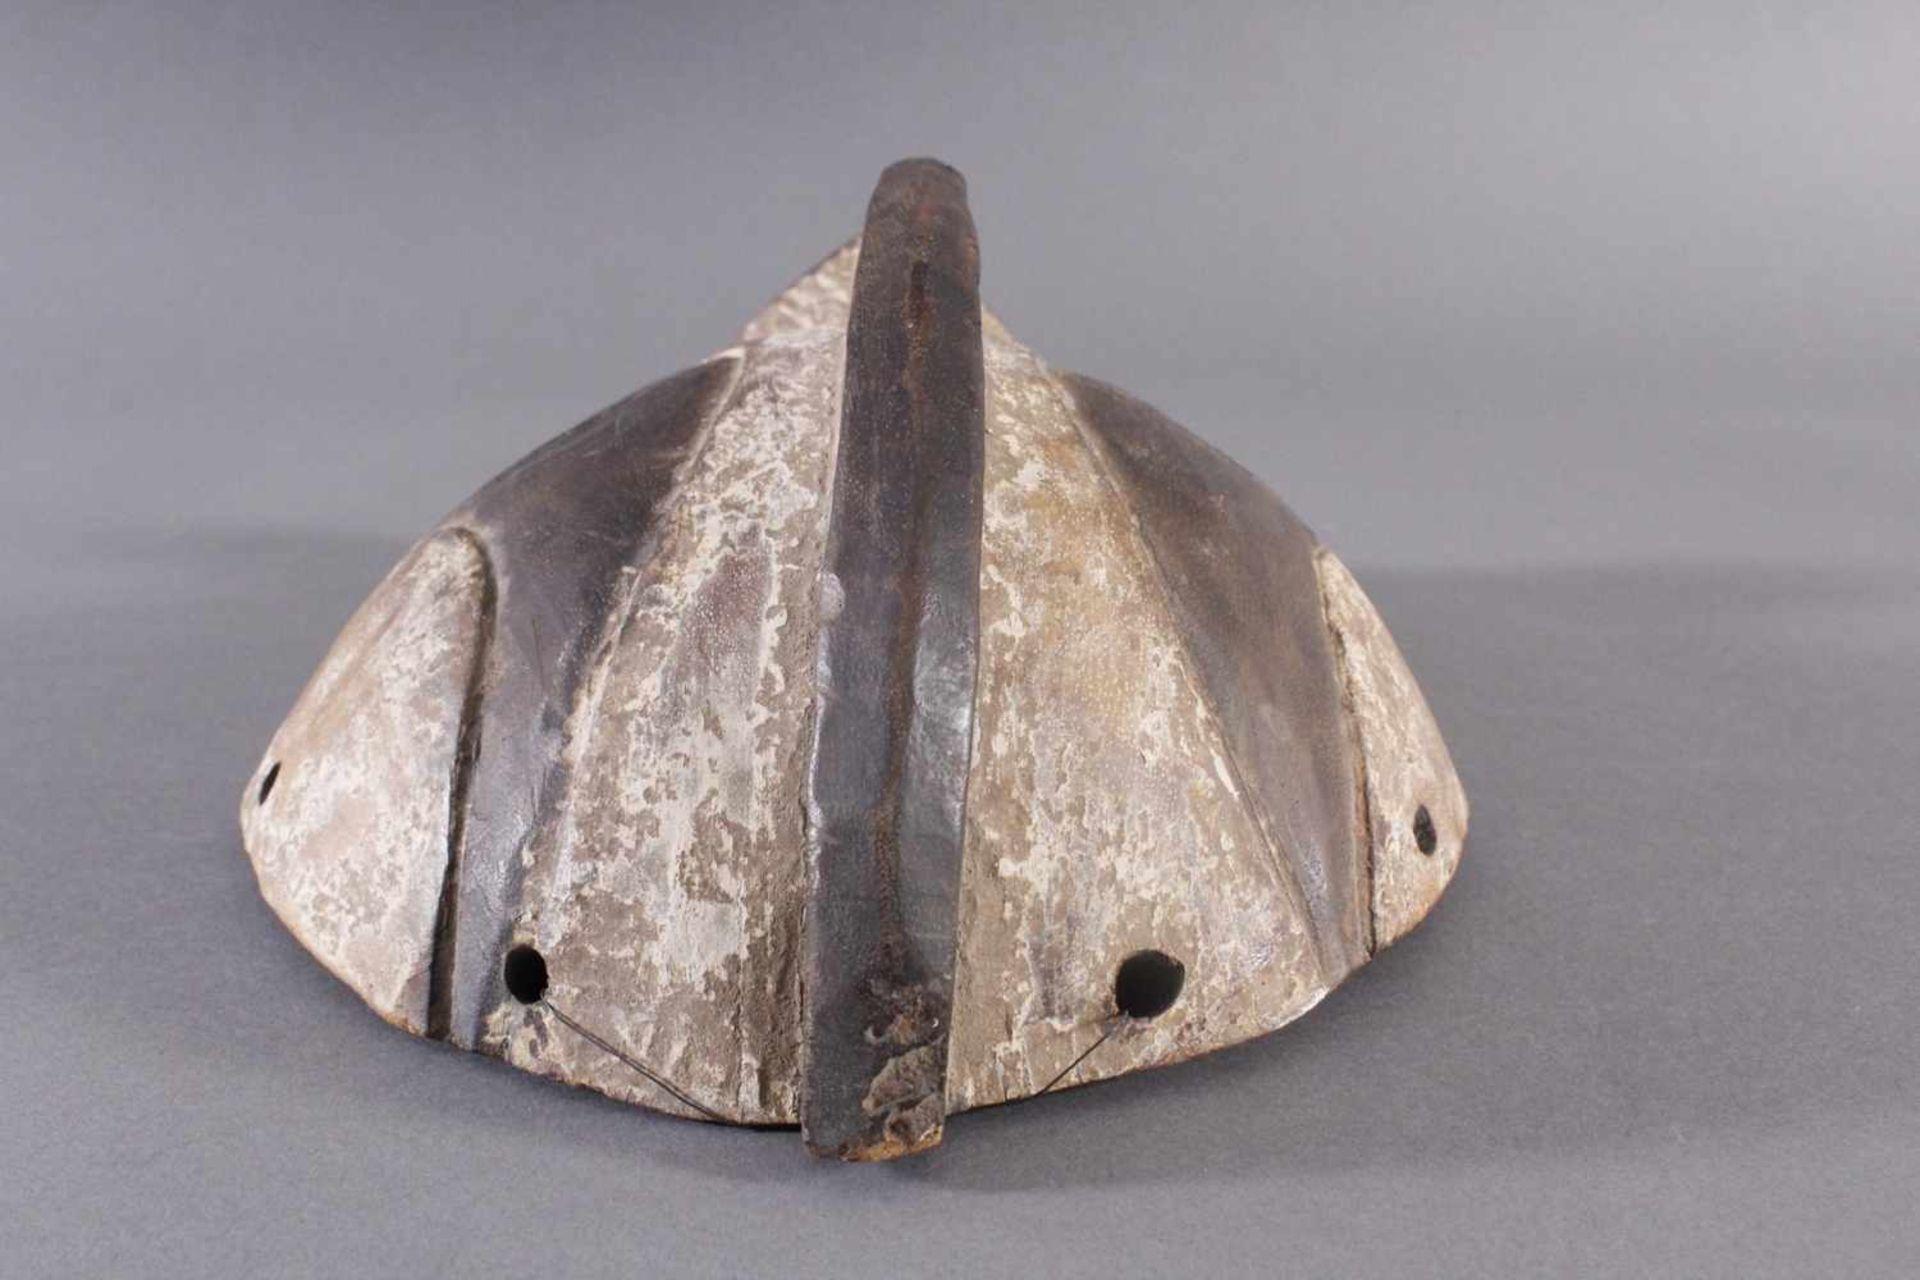 Antike Maske, Gabun 1. Hälfte 20. Jh.Holz geschnitzt, braune Patina, Kaolin Bemalung, ca. 11,5 x - Bild 3 aus 5